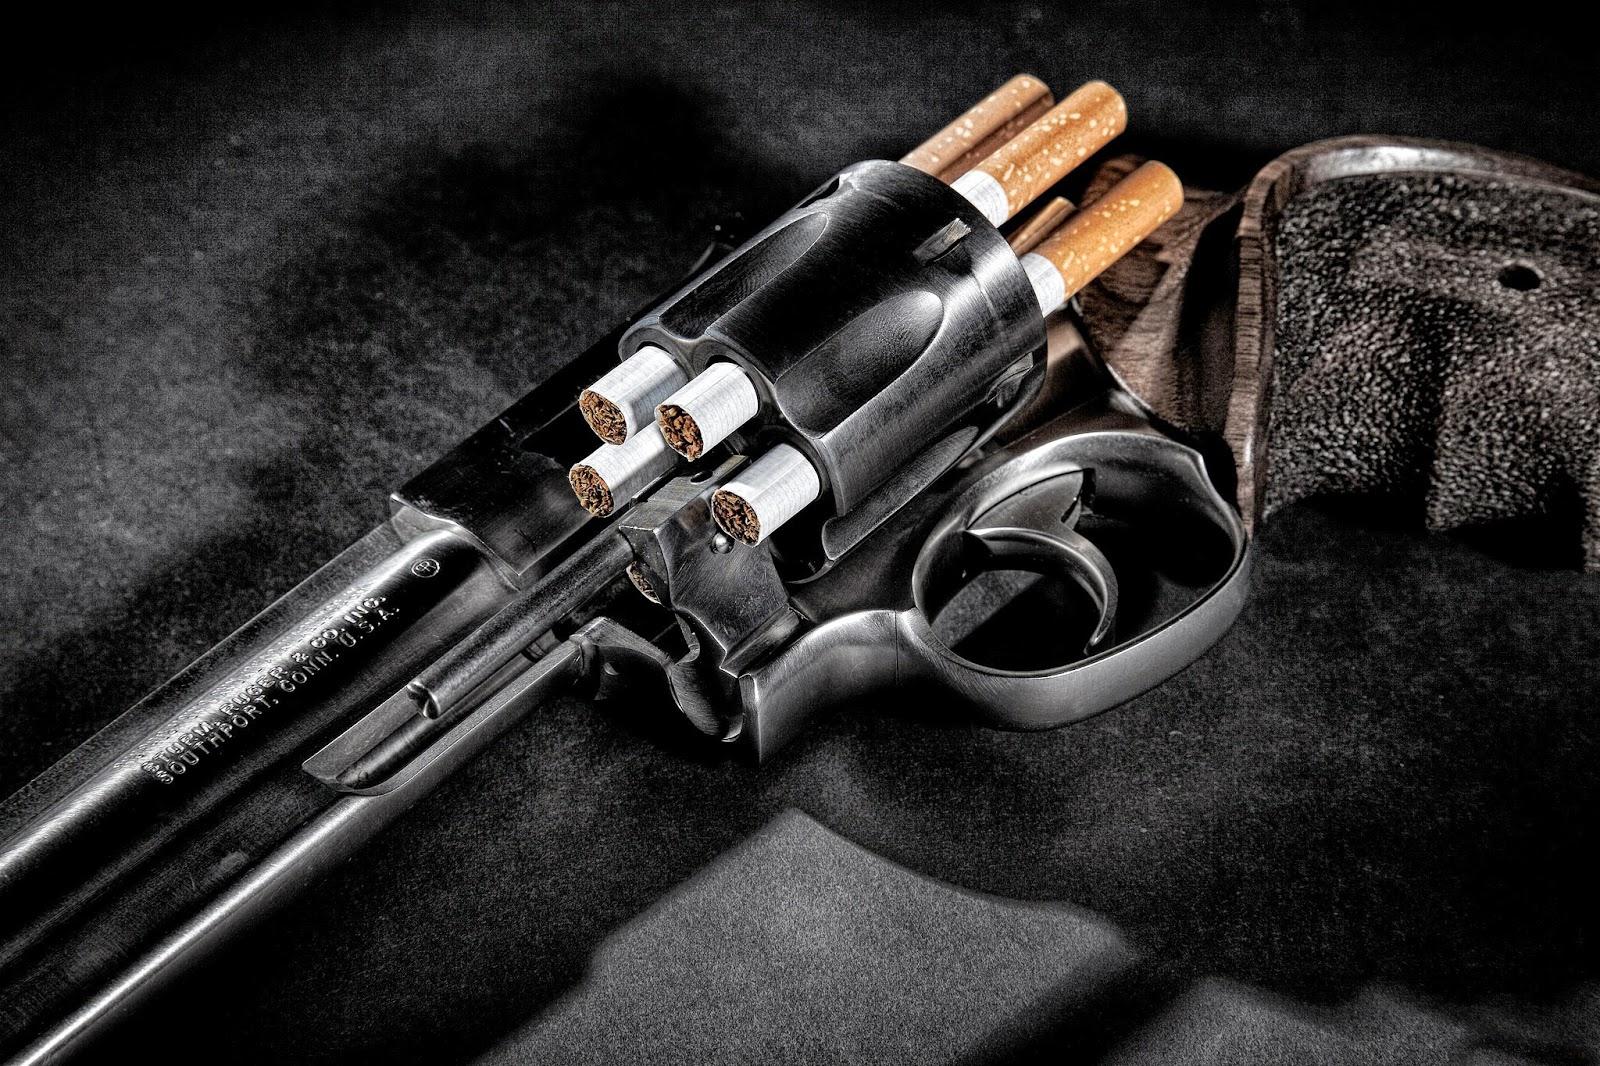 tabaco cigarrillos nocivos salud fumar malo asesino hd